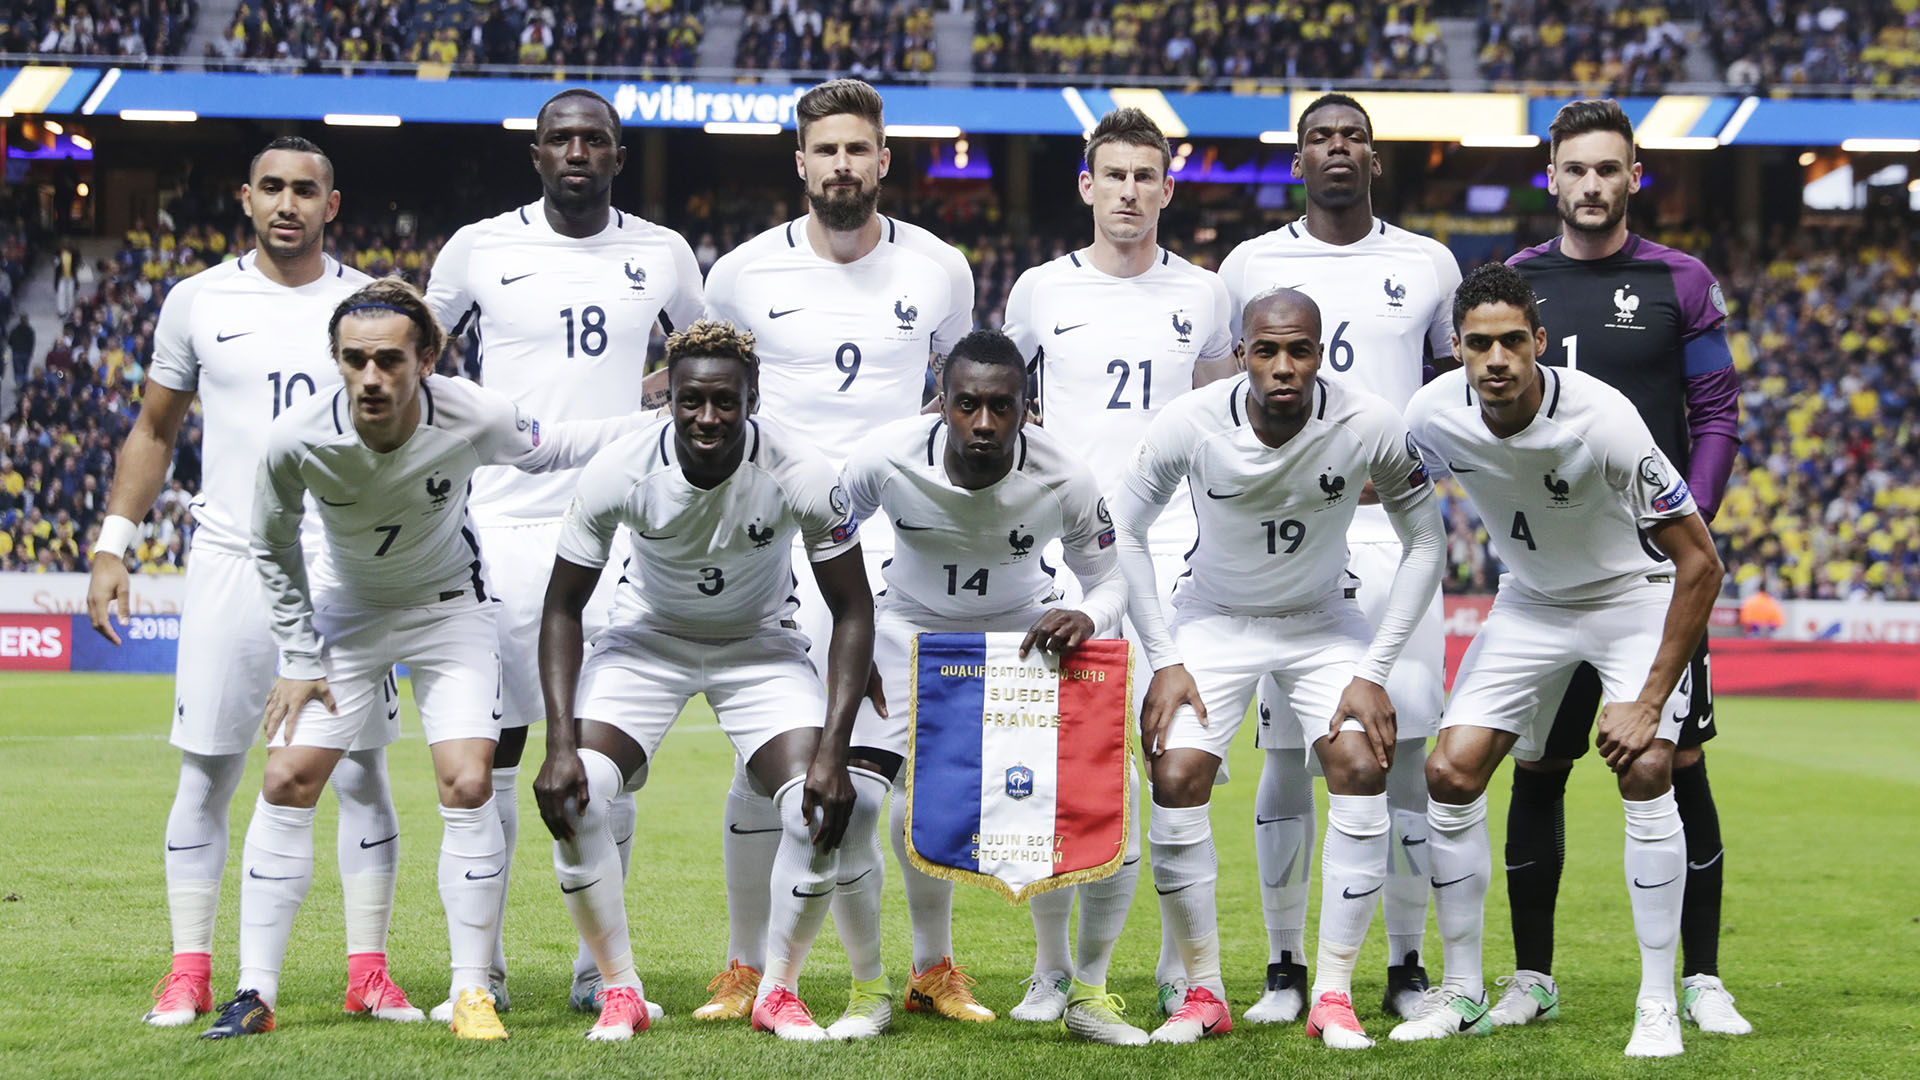 Con un promedio de edad de 26 años, el valor de Francia es de 748,70 millones de dólares